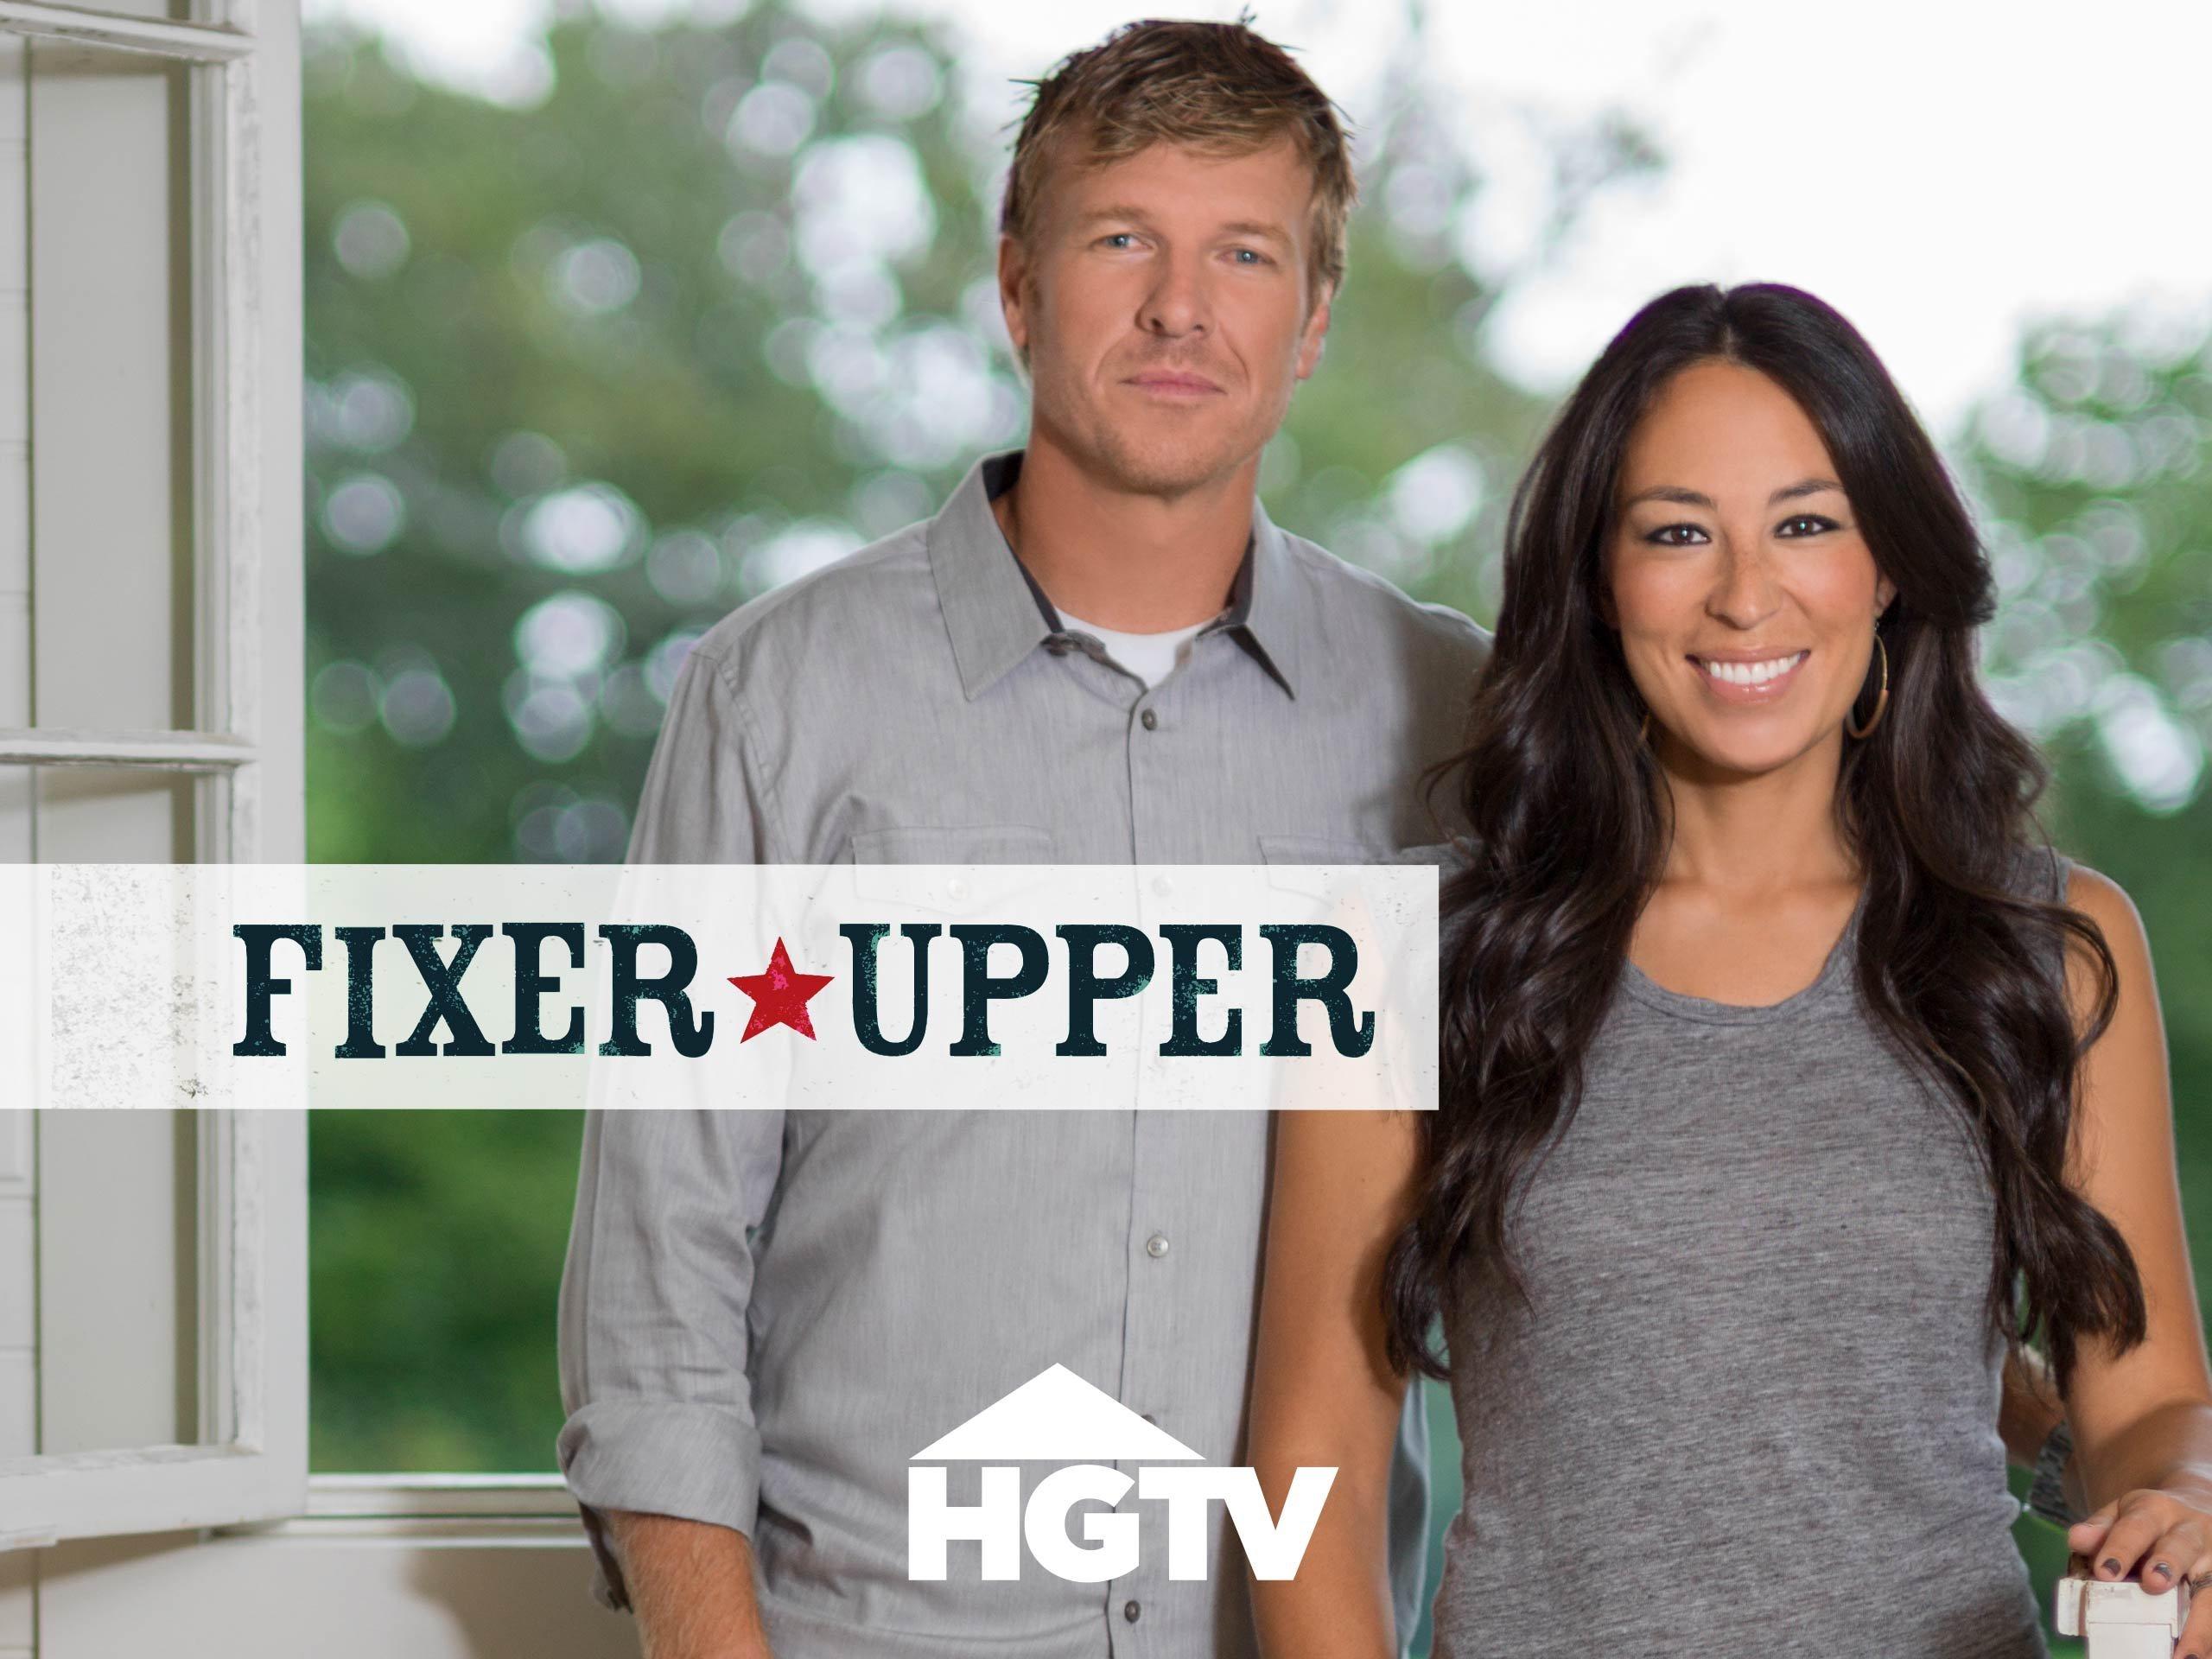 fixer upper netflix